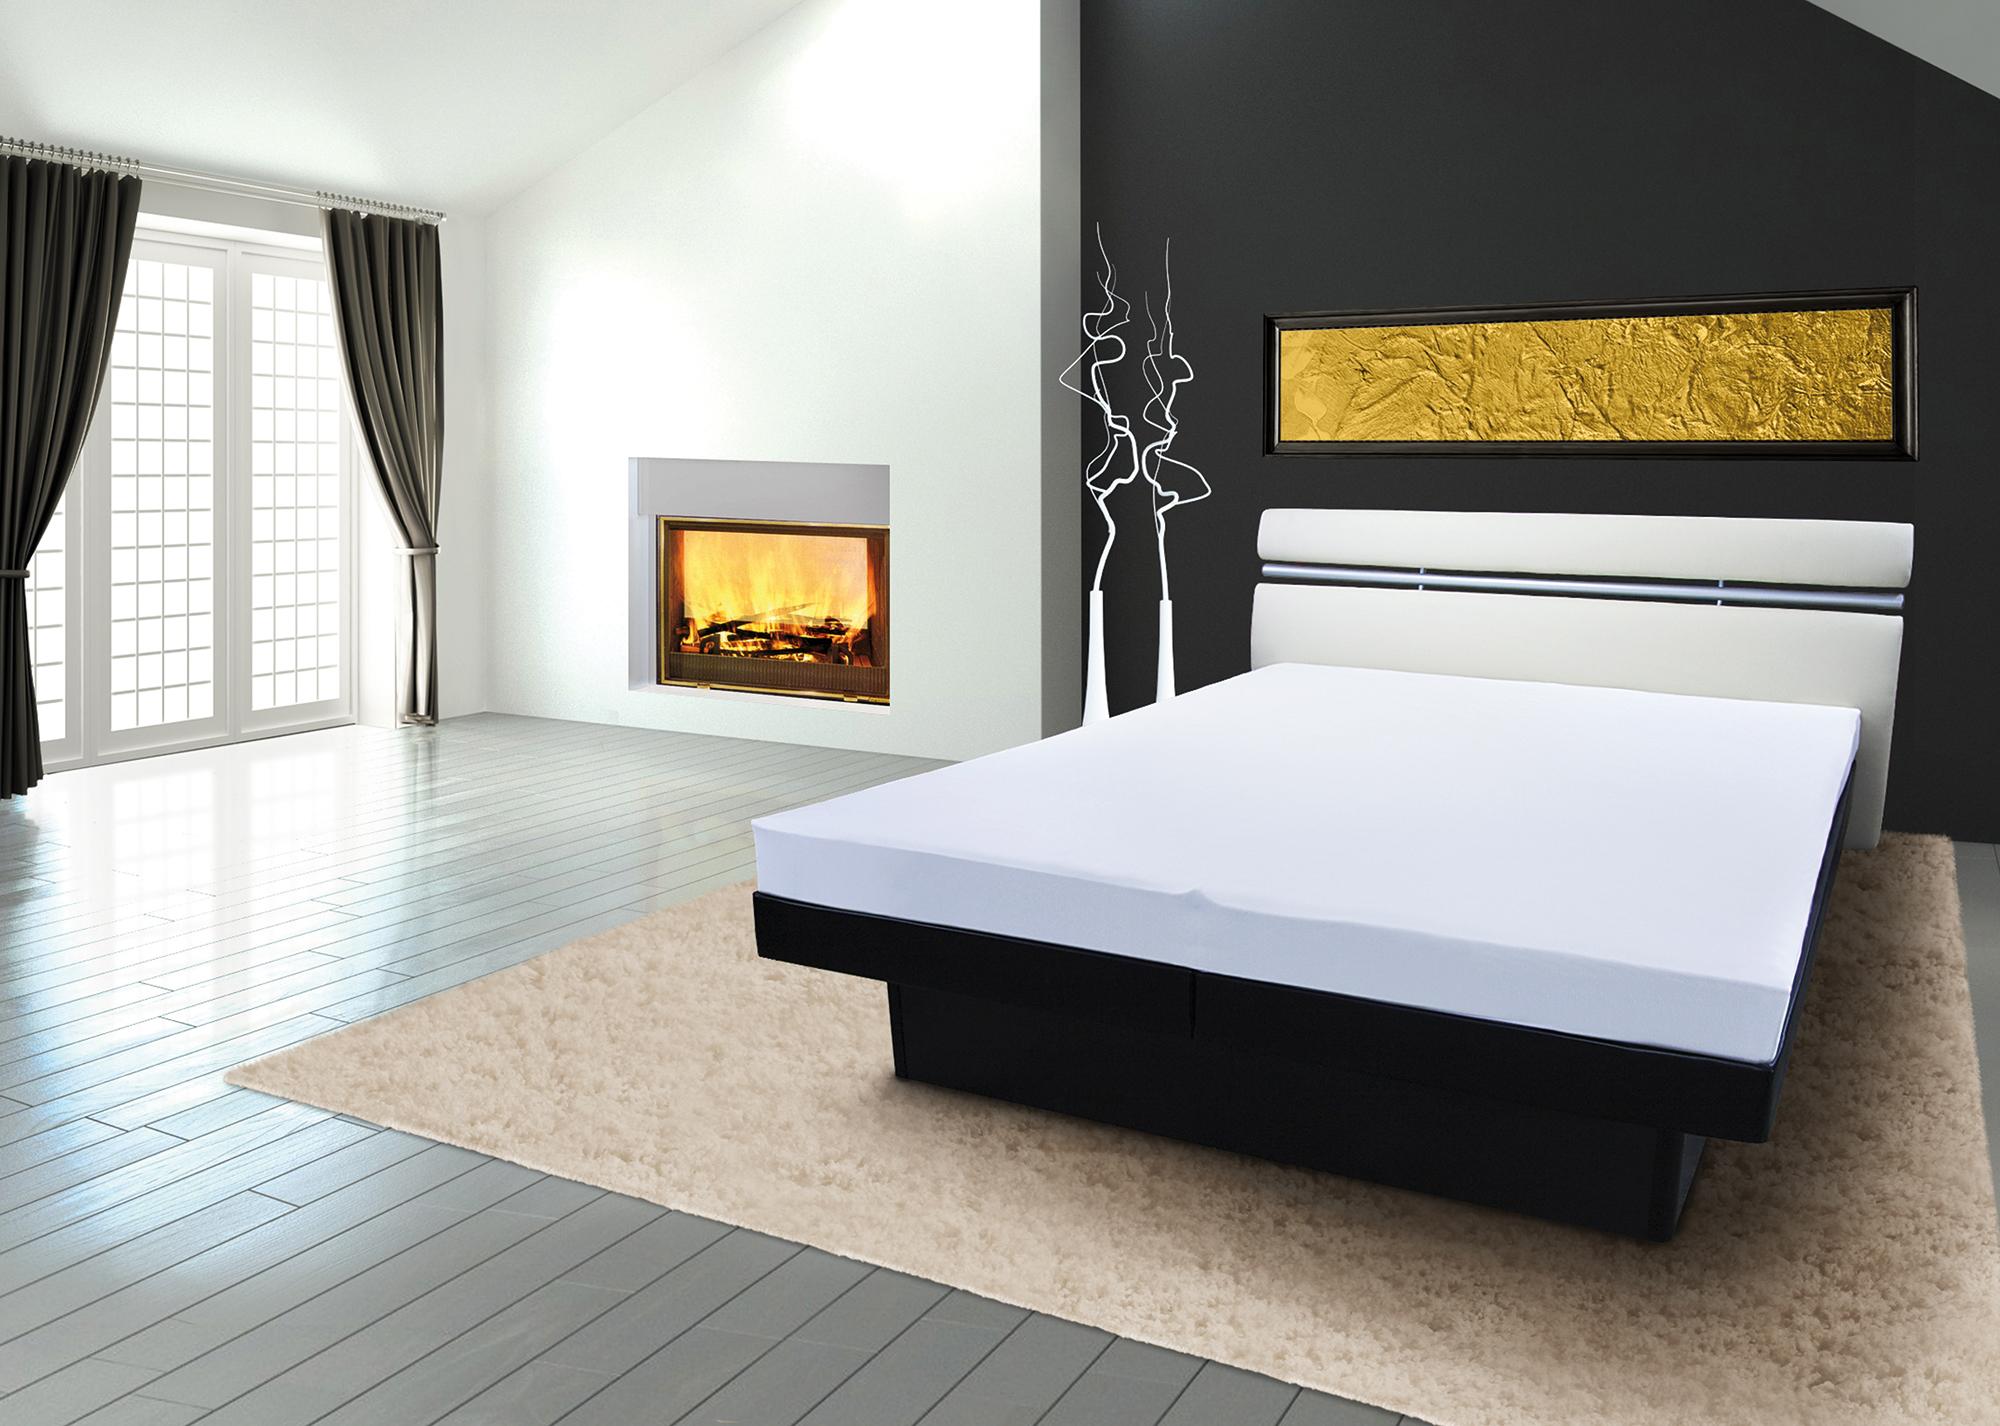 dreamtec dreamtec t v gepr fte wasserbetten ohne schadstoffe. Black Bedroom Furniture Sets. Home Design Ideas